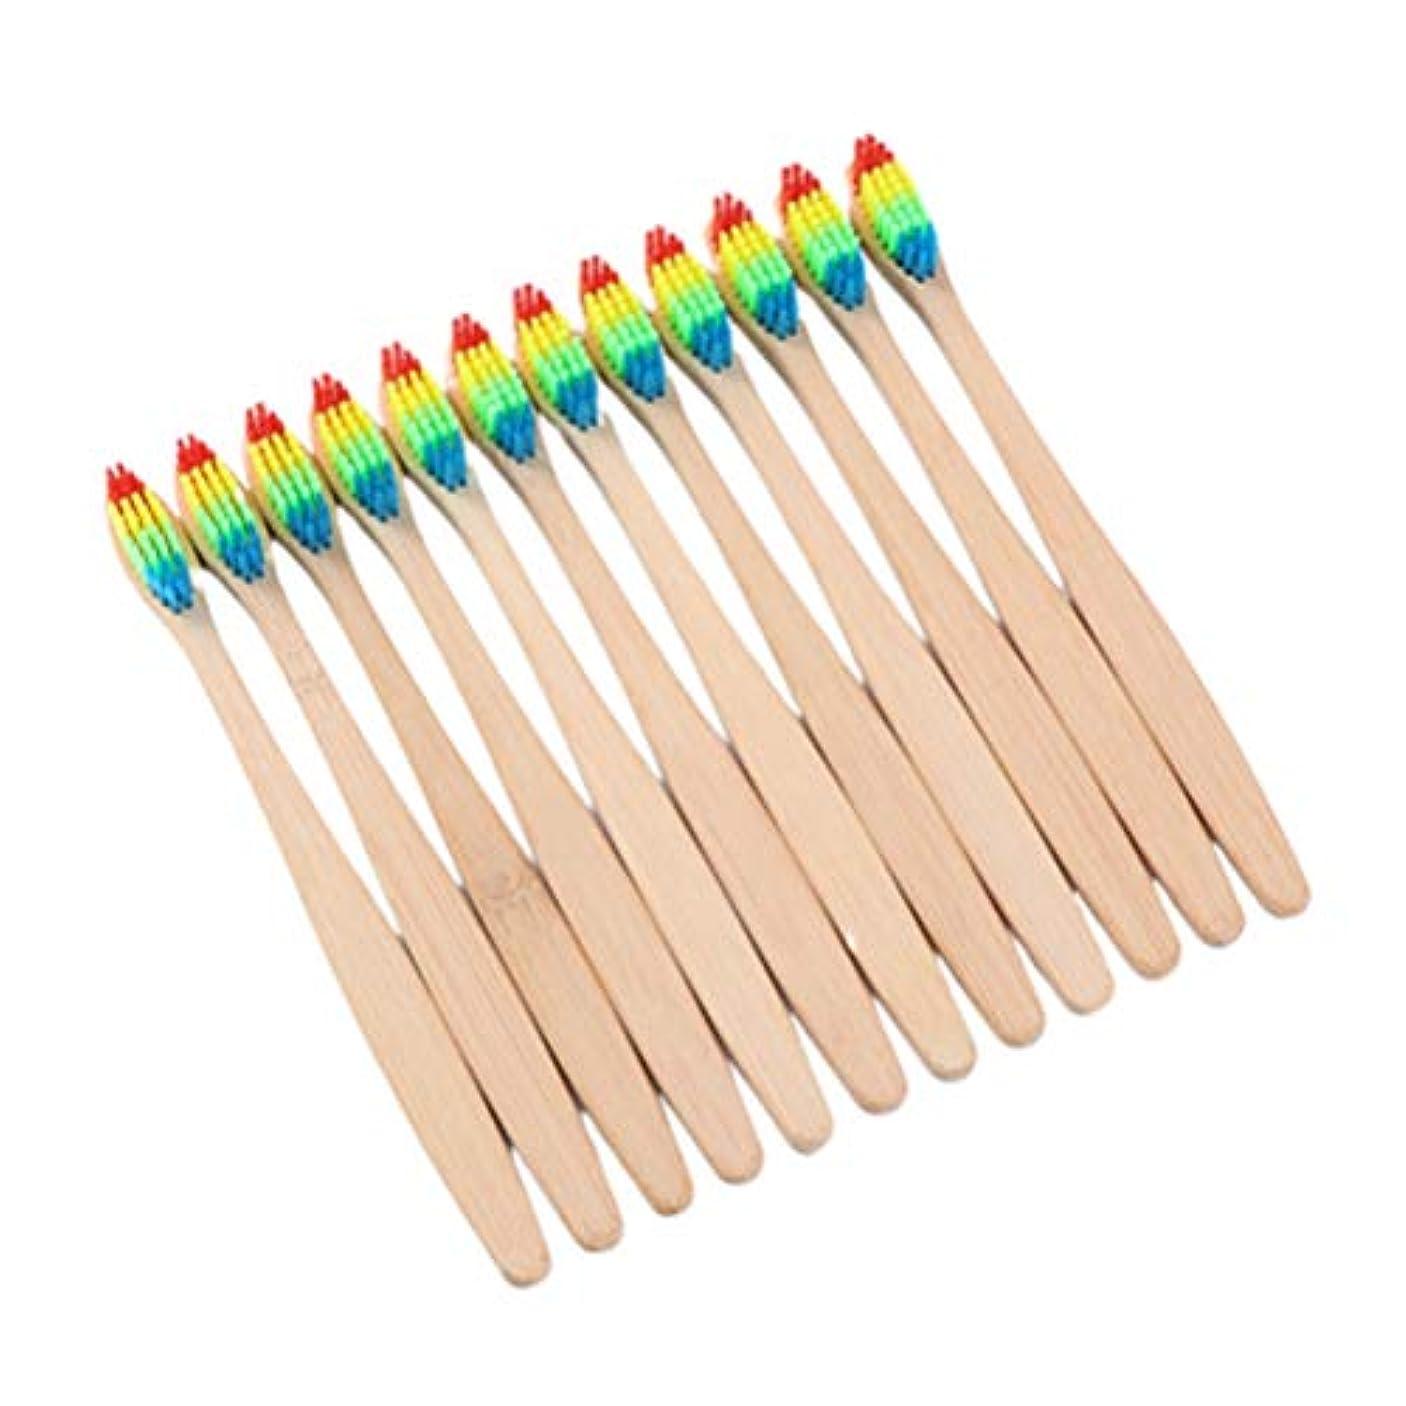 ピンク精緻化スペースTOPBATHY 10本 歯ブラシ 竹 極細 天然 ふつう やわらかめ 木製 環境にやさしい 大人 子供 兼用 旅行 トラベル 出張 携帯 虹色